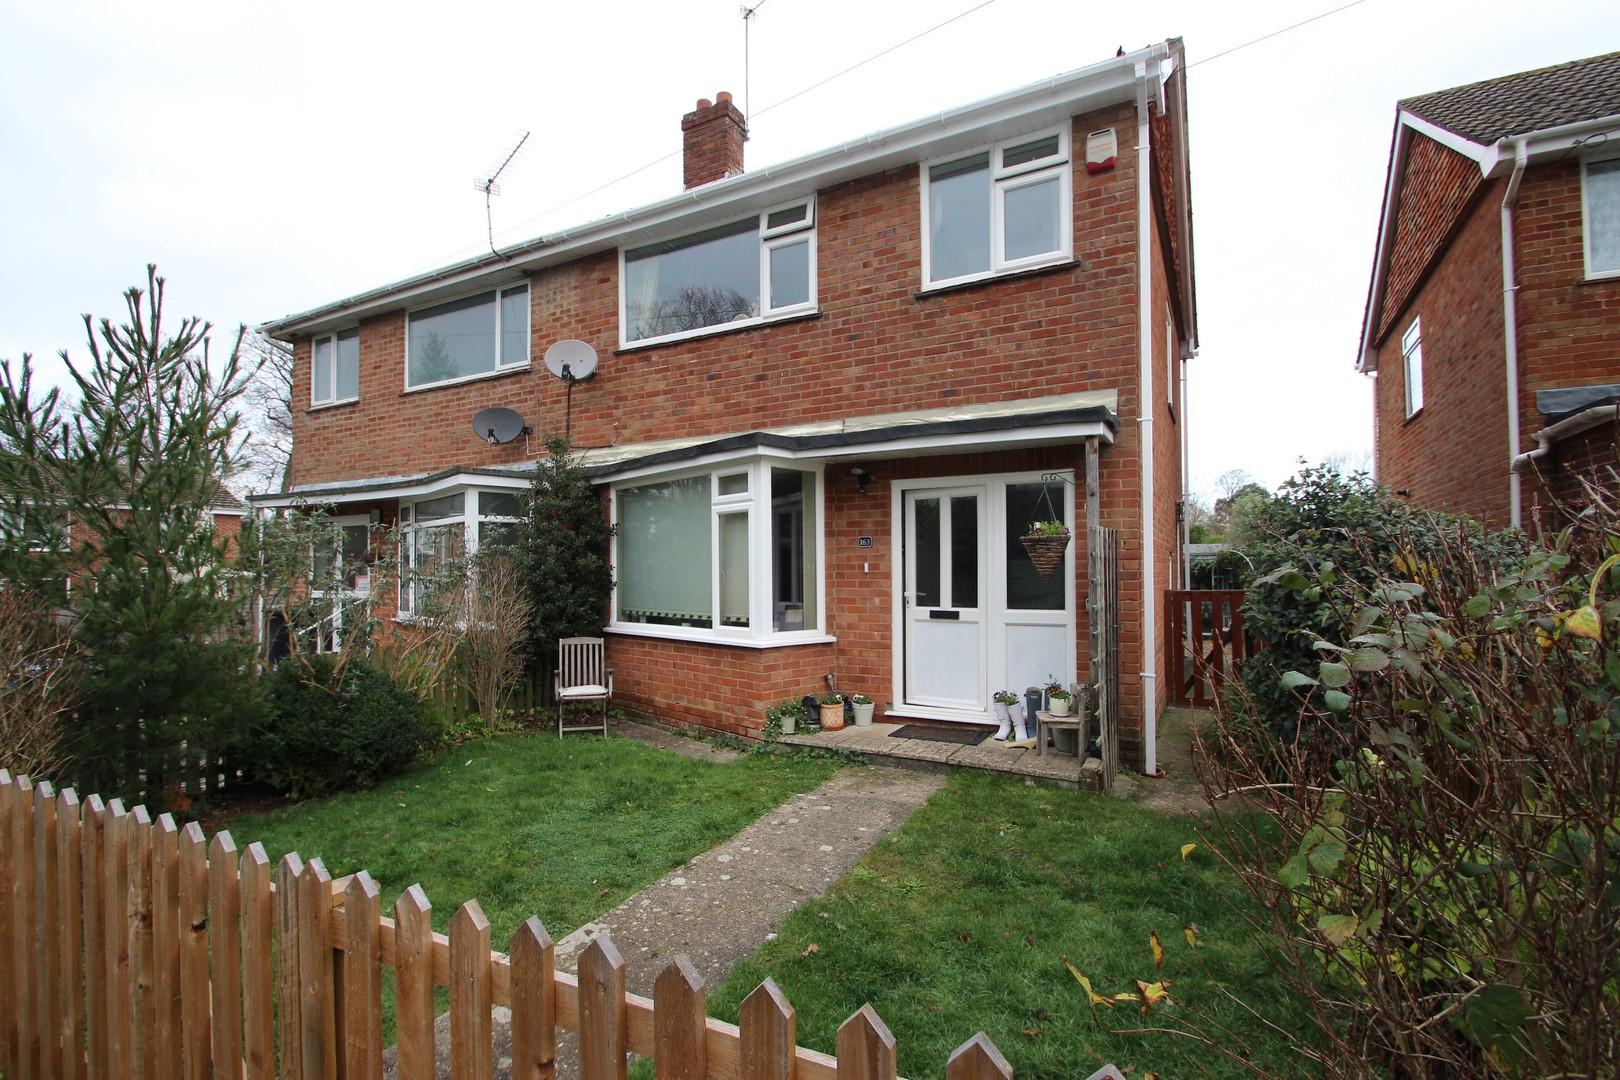 3 Bedroom House in Burton